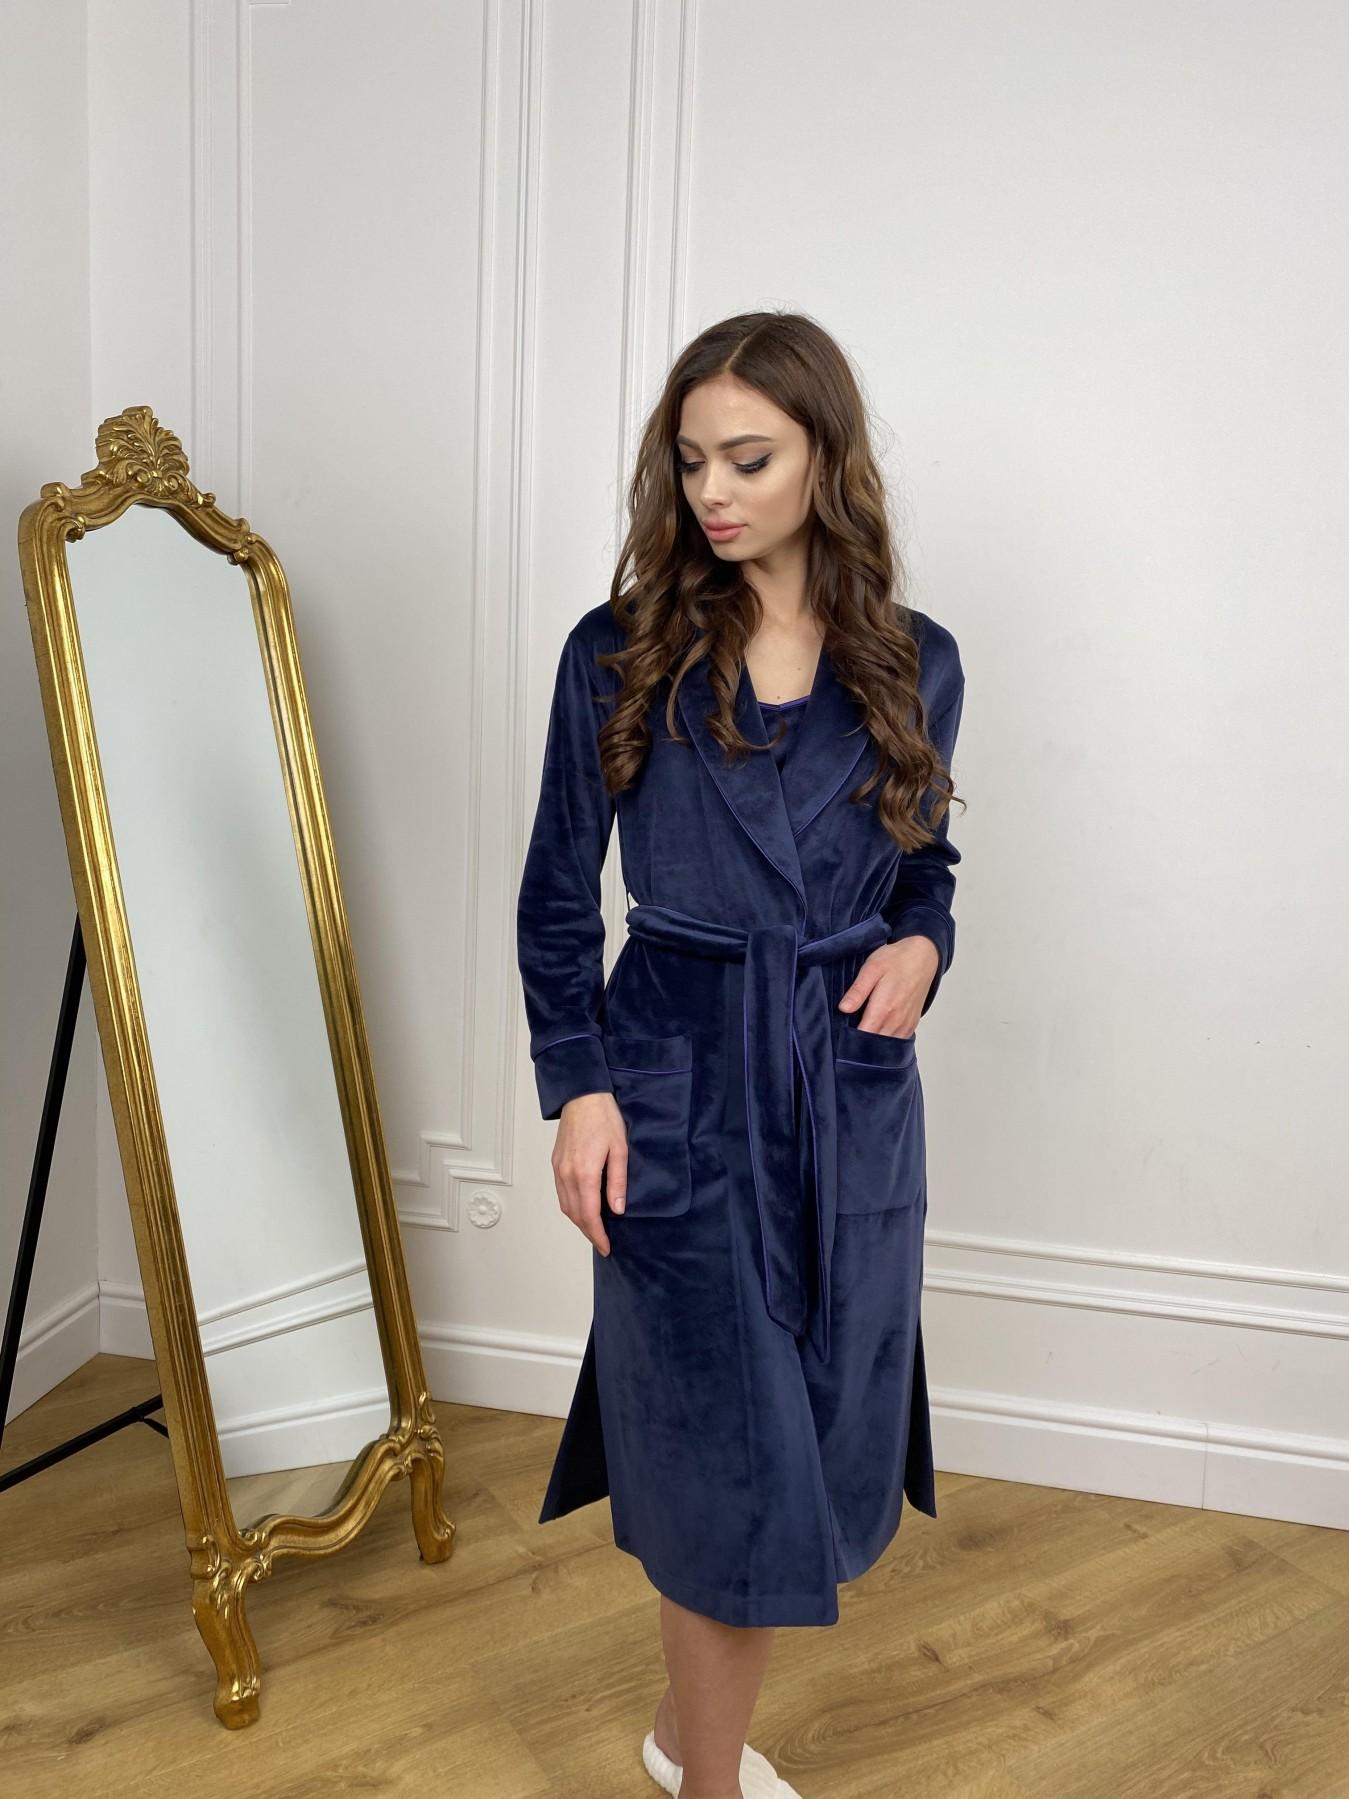 Сандрин миди халат из велюровой ткани 10510 АРТ. 46849 Цвет: т. синий - фото 9, интернет магазин tm-modus.ru